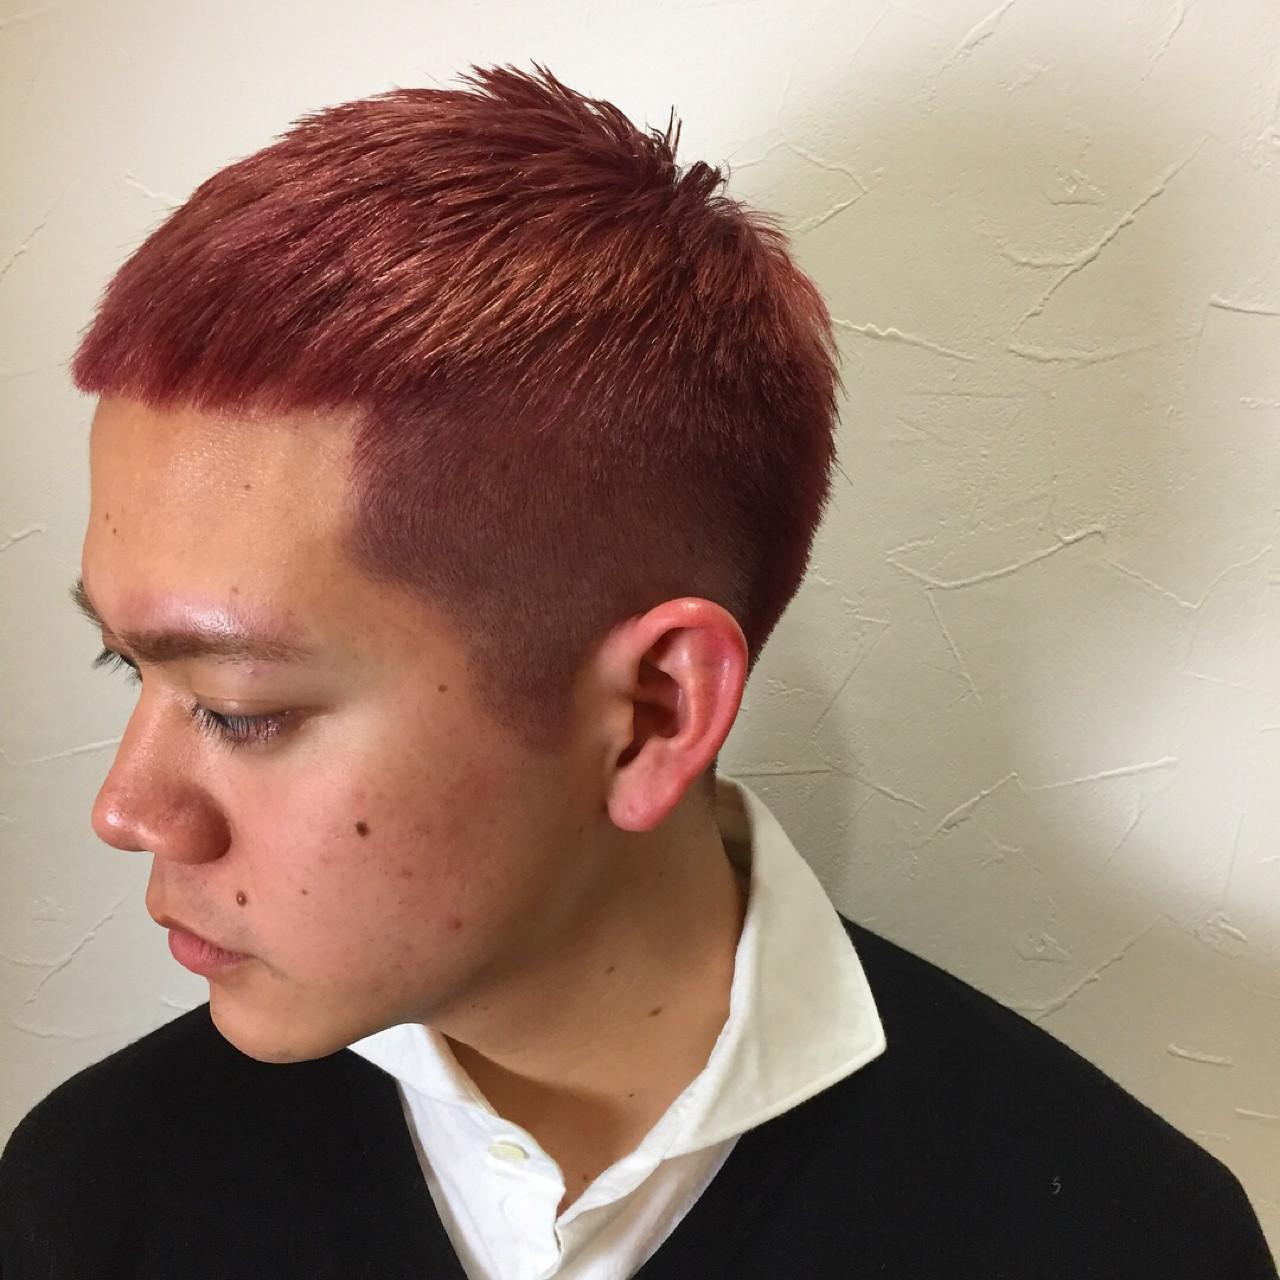 坊主 刈り上げ ボーイッシュ ショート ヘアスタイルや髪型の写真・画像